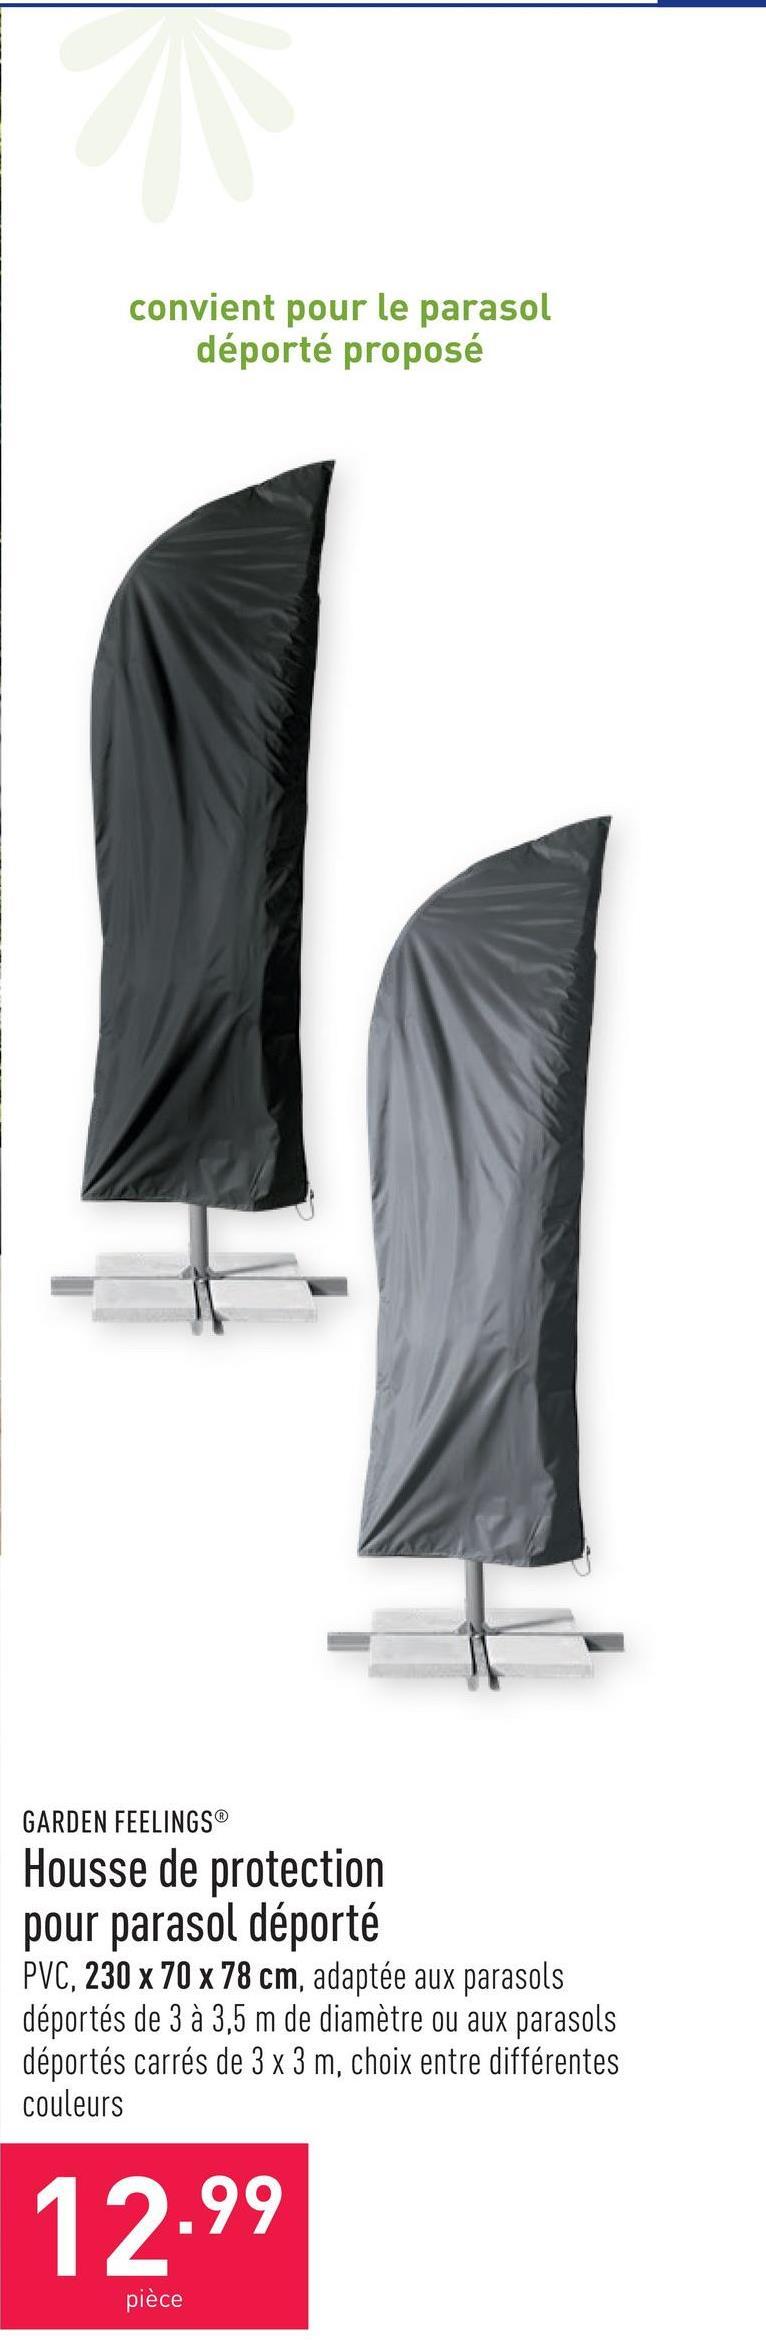 Housse de protection pour parasol déporté PVC, 230 x 70 x 78 cm, imperméable, adaptée aux parasols déportés de 3 à 3,5 m de diamètre ou aux parasols déportés carrés de 3 x 3 m, choix entre différentes couleurs